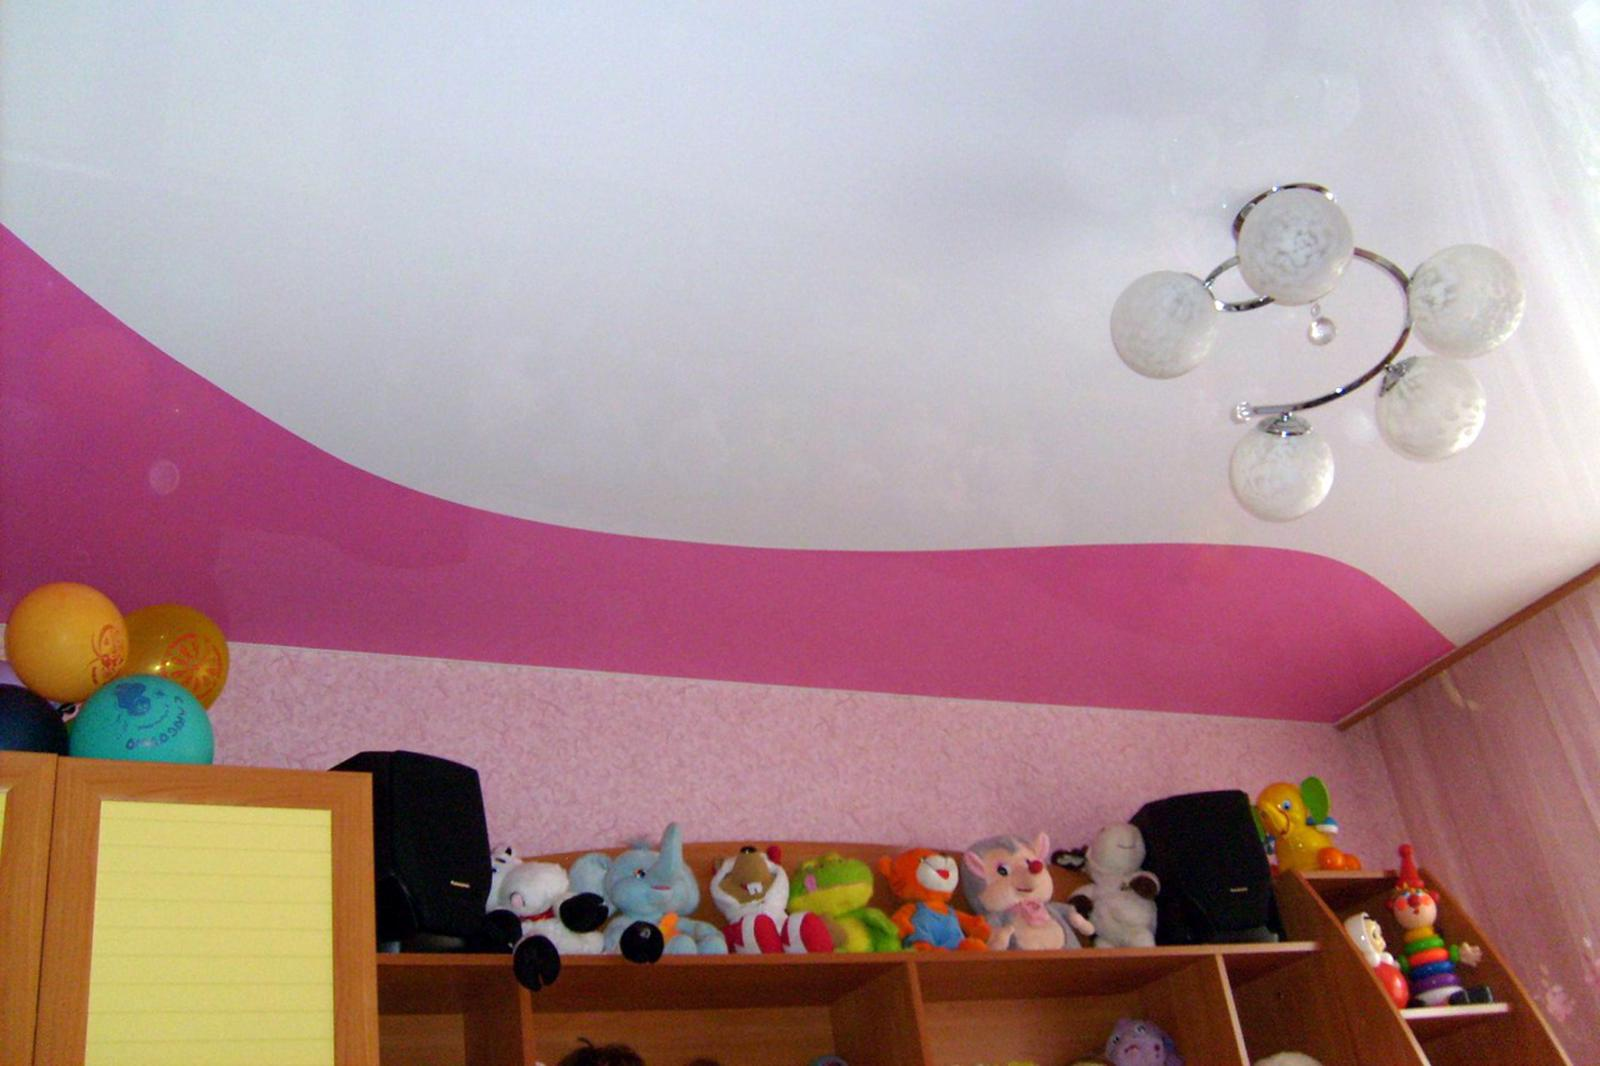 Криволинейный потолок из глянцевого цветного и белого полотна и установкой потолочной люстры